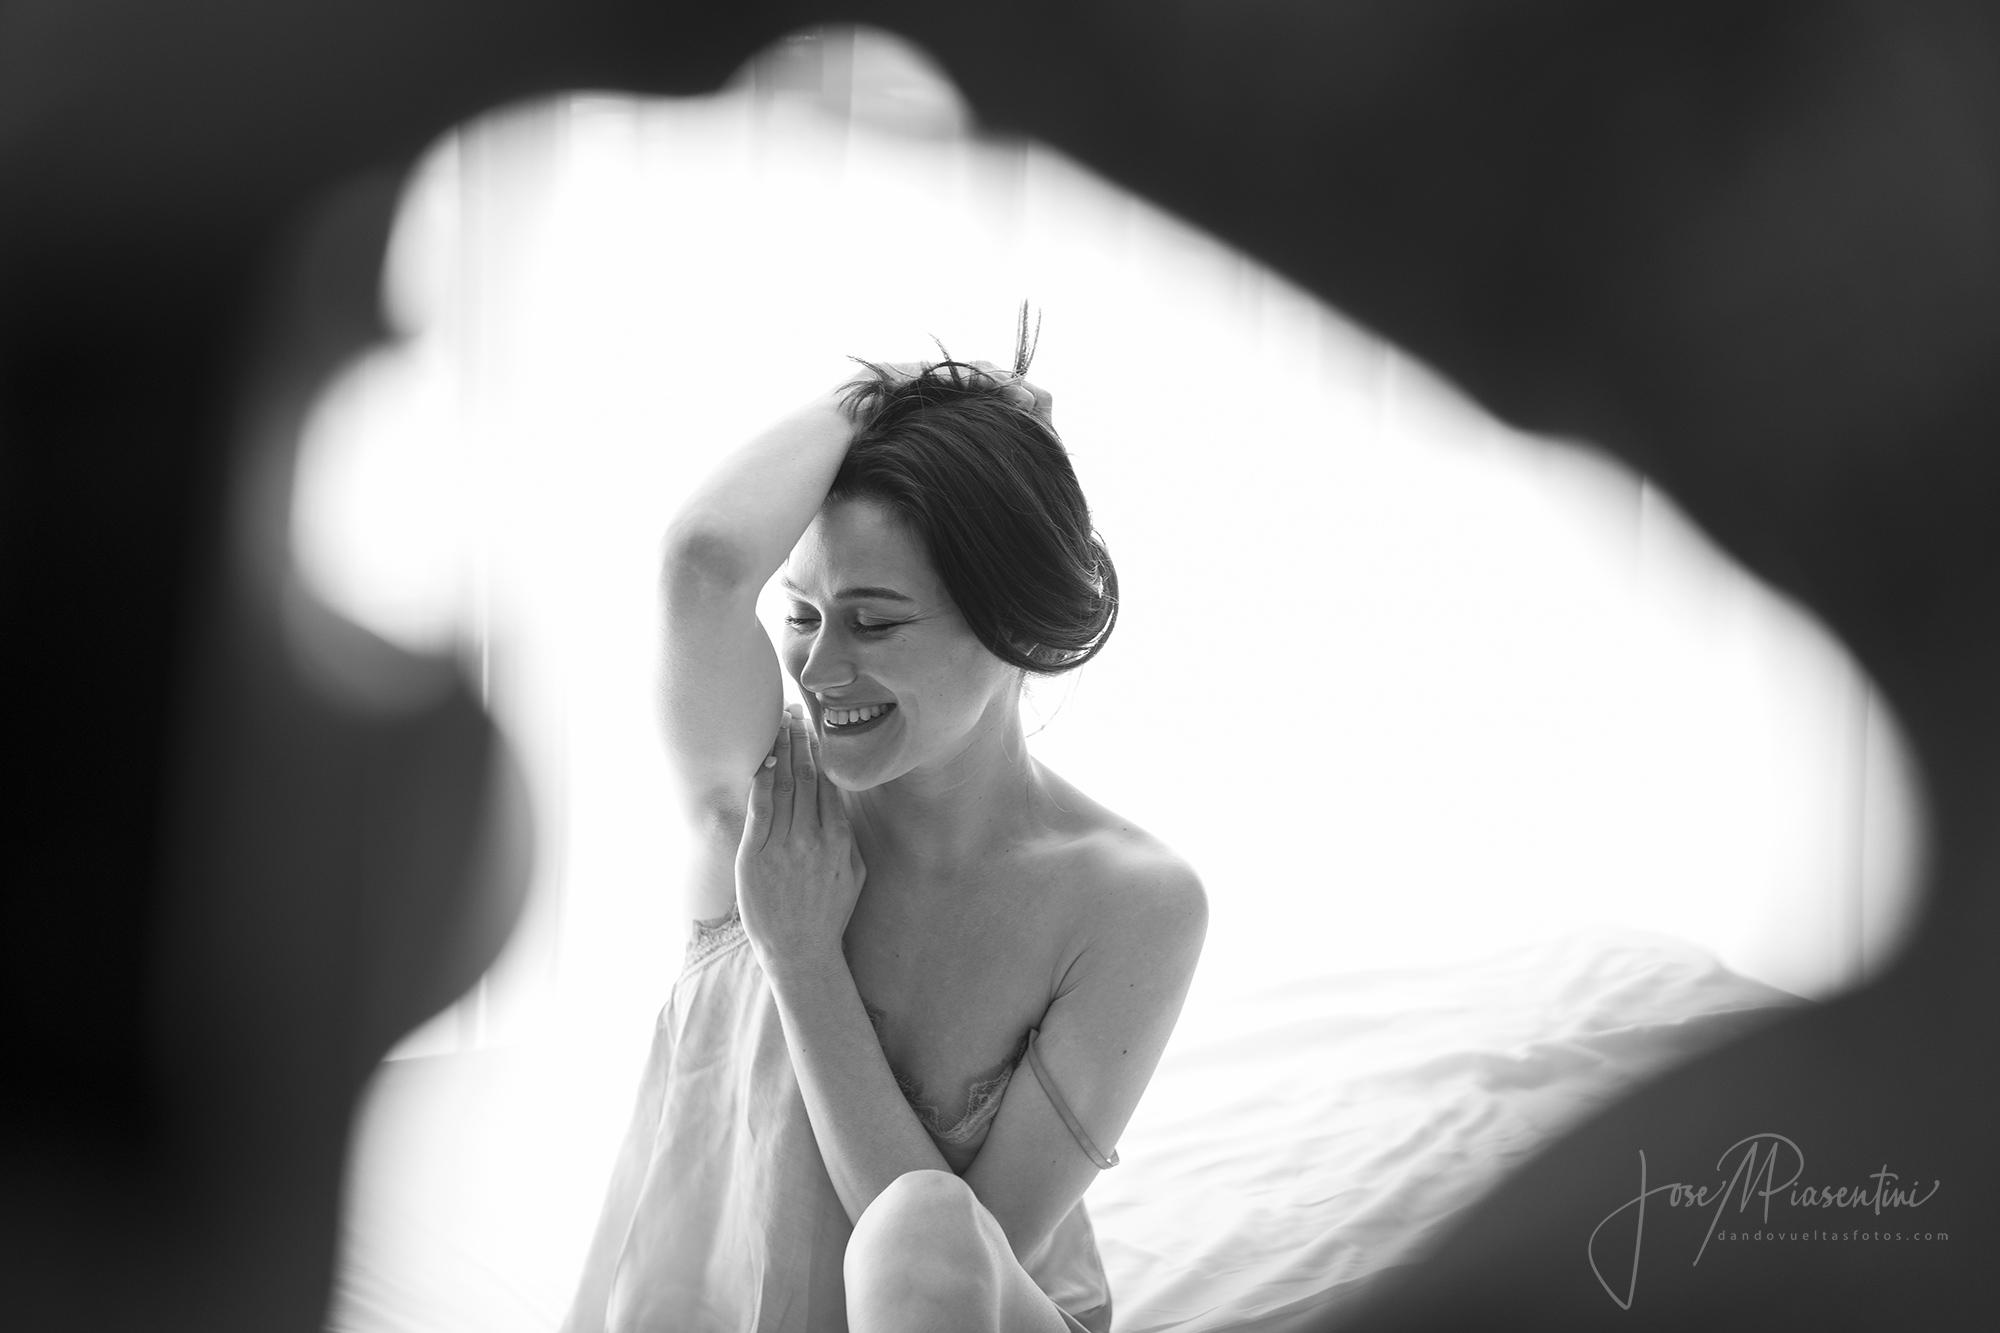 Taller de desnudo artístico con Leica